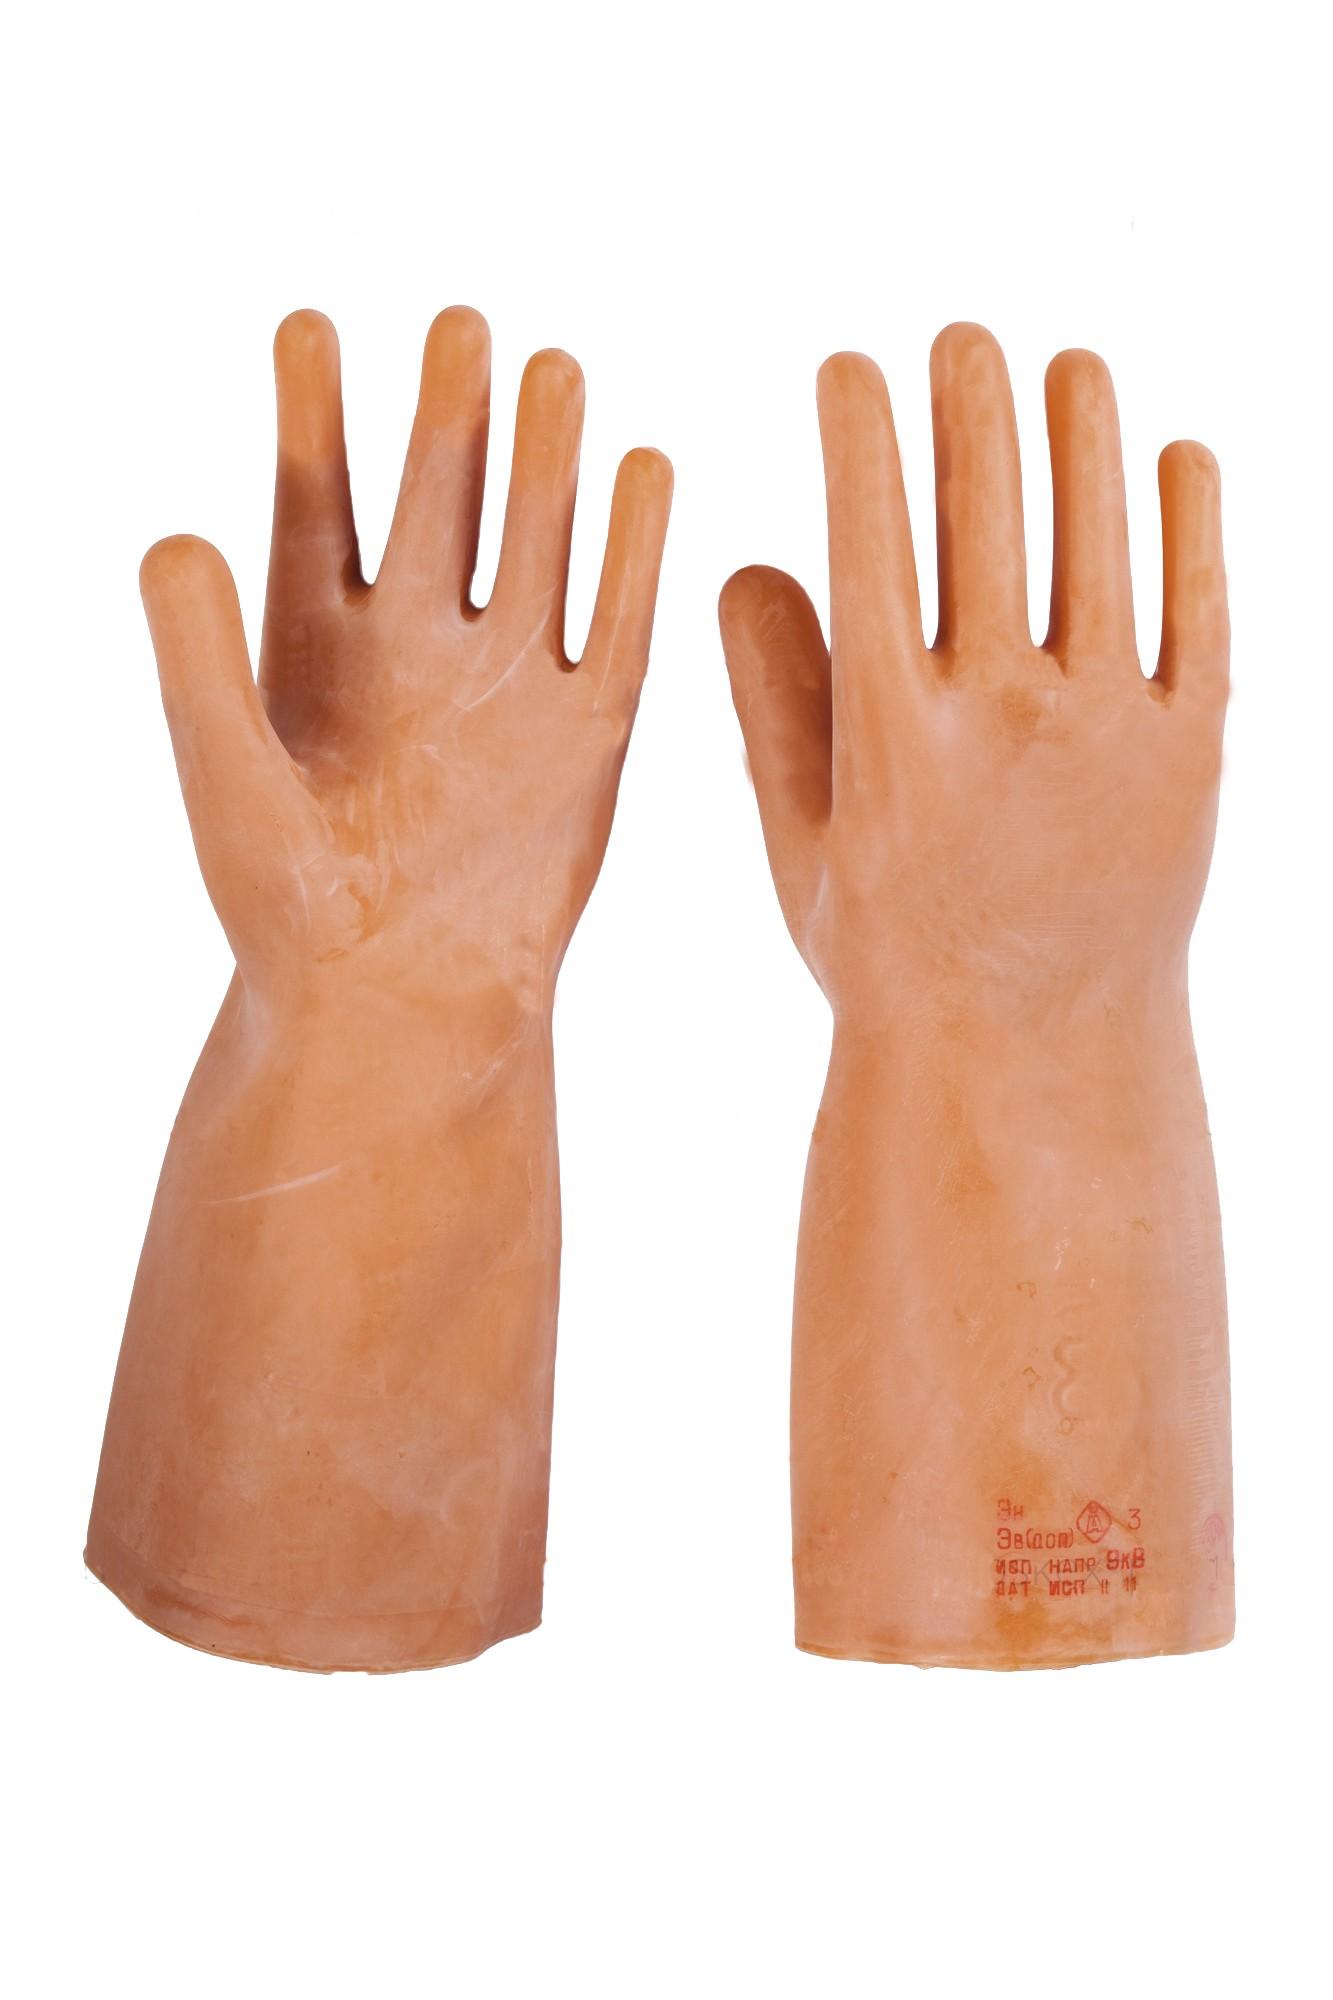 Перчатки диэлектрические латексные бесшовные, с протоколом испытаний